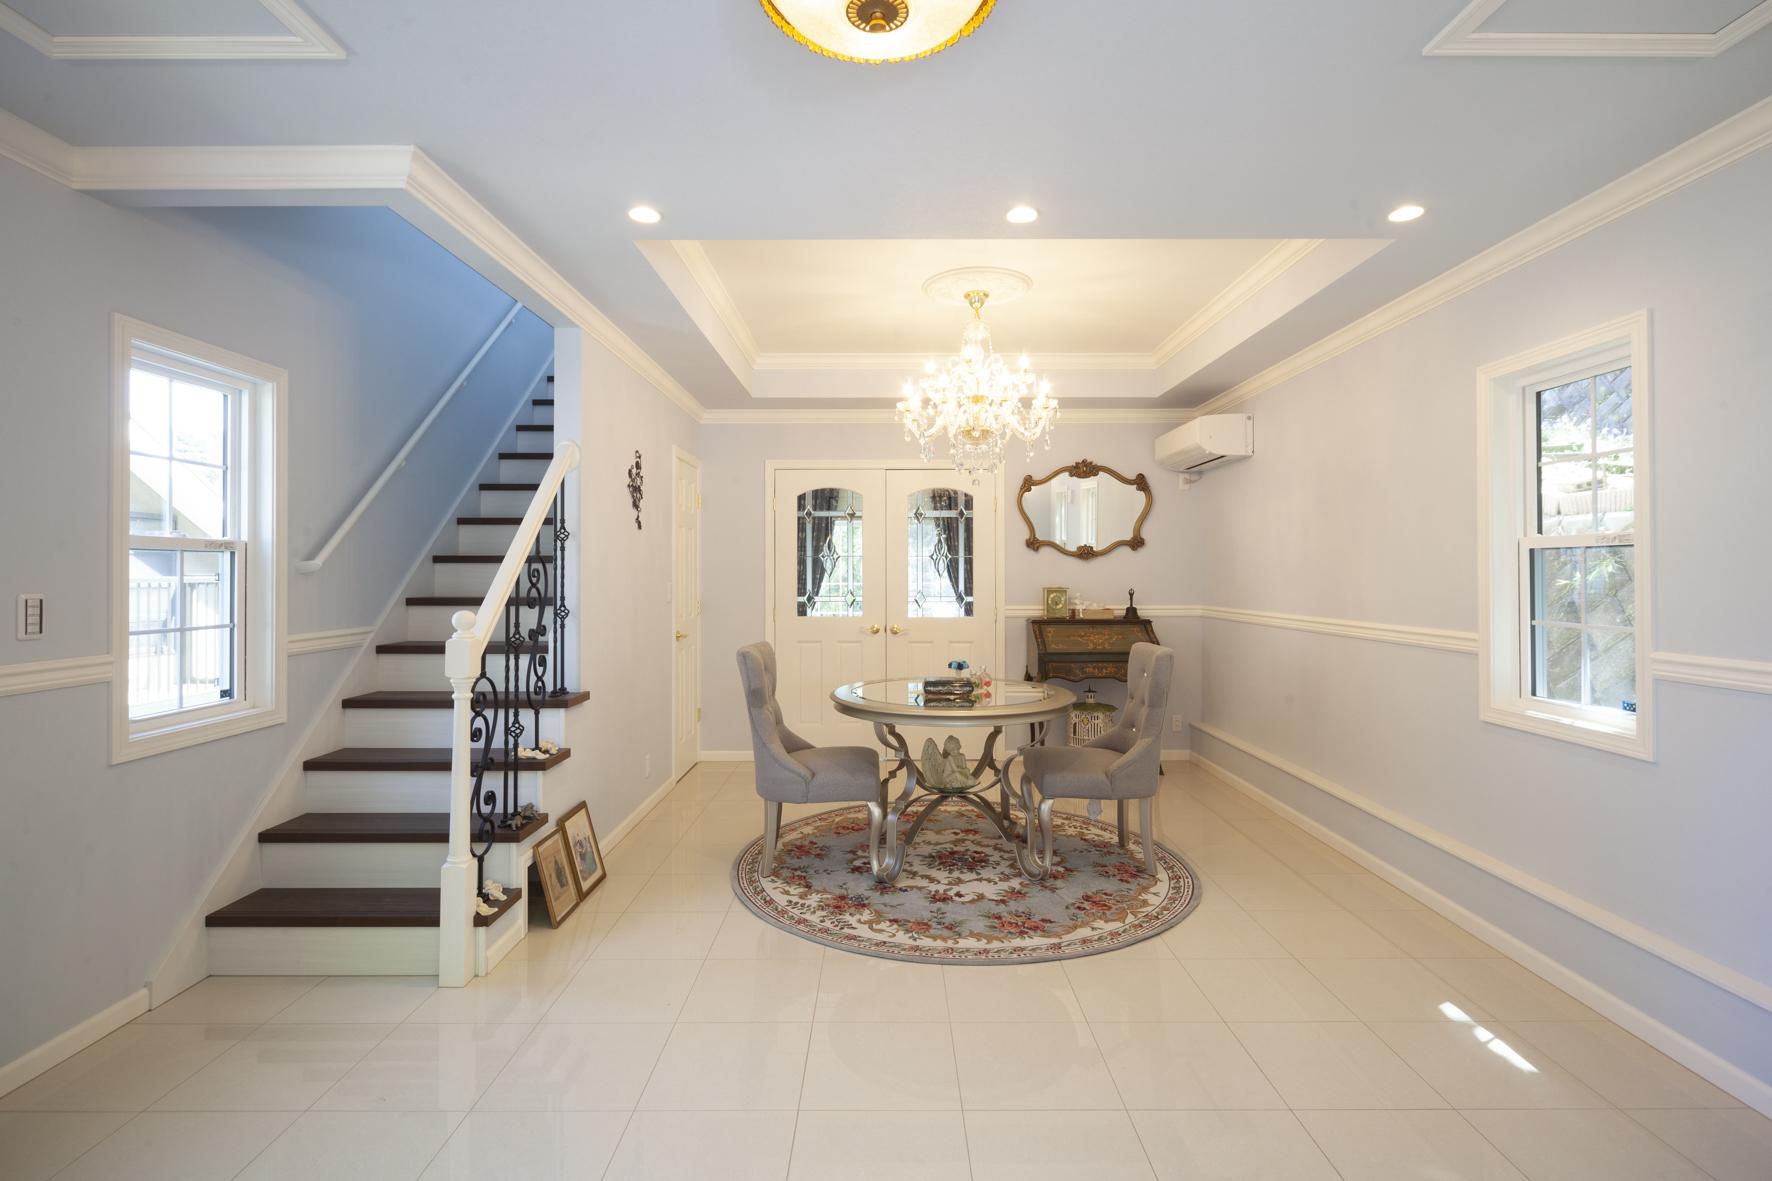 インテリアに華やかさをプラス 天井や壁を彩るモールディングの魅力